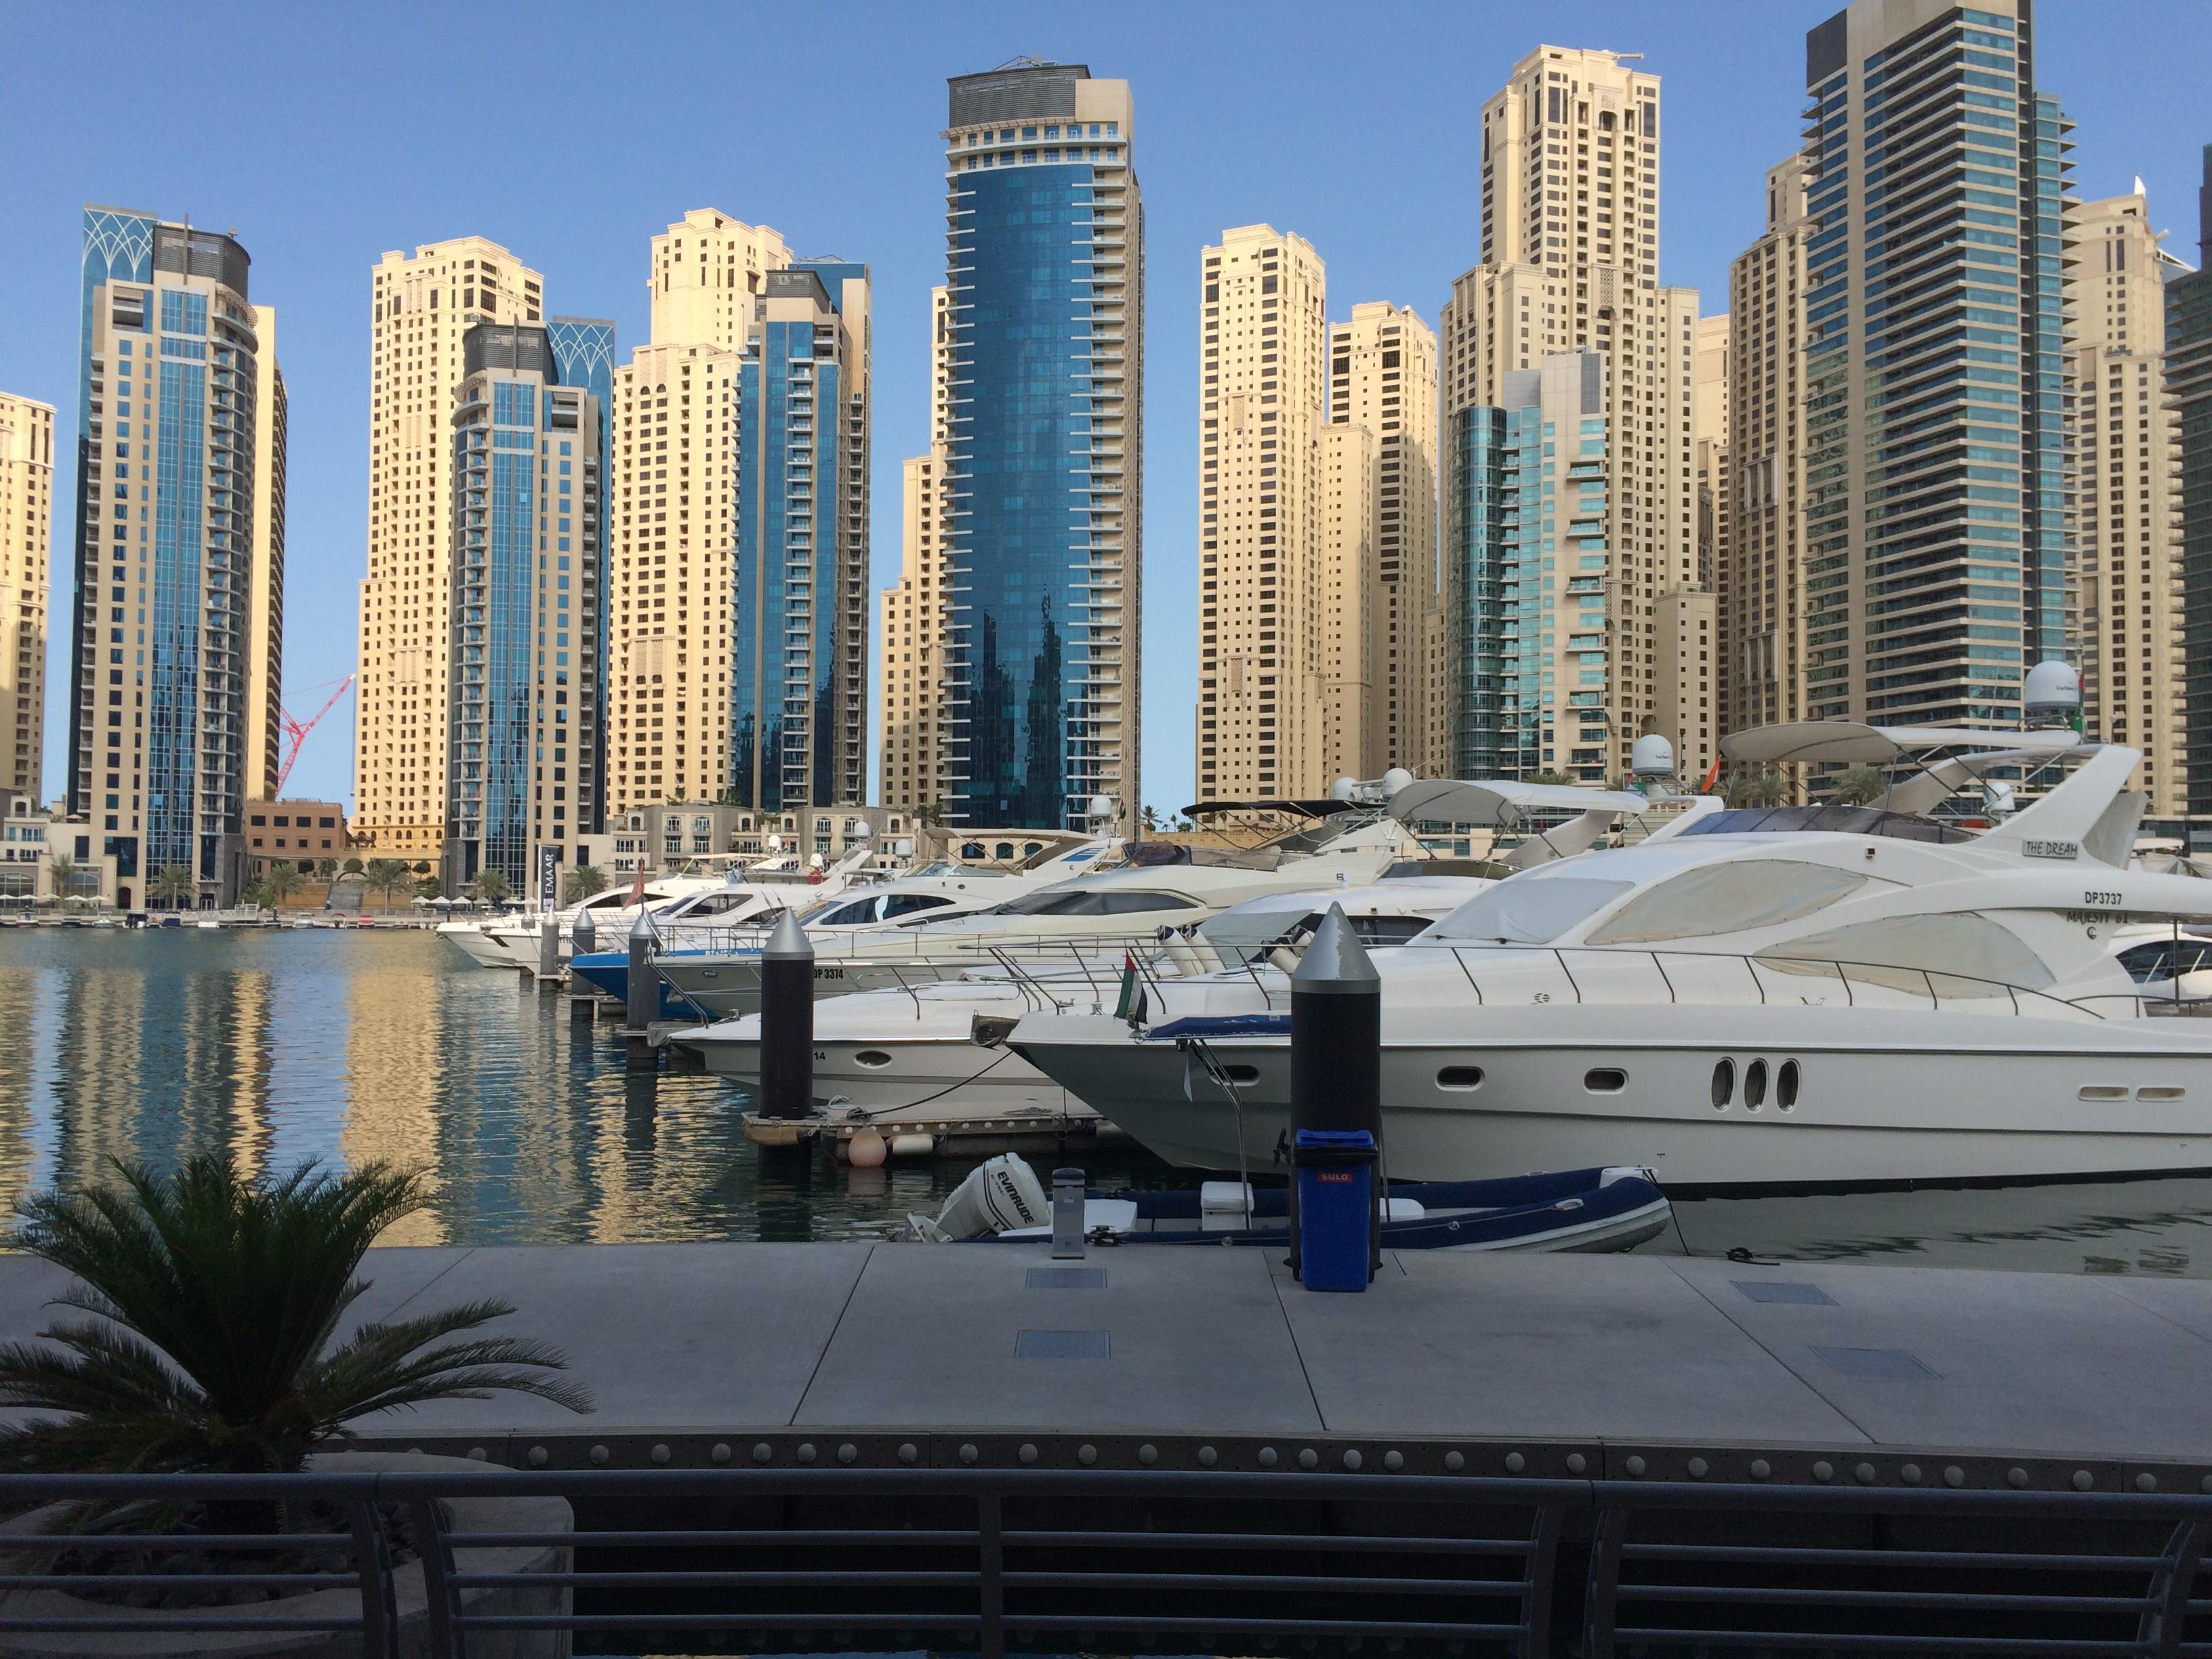 迪拜码头 旋转的拧巴大楼,迪拜的建筑讲究各具特性,建筑师有充分的发